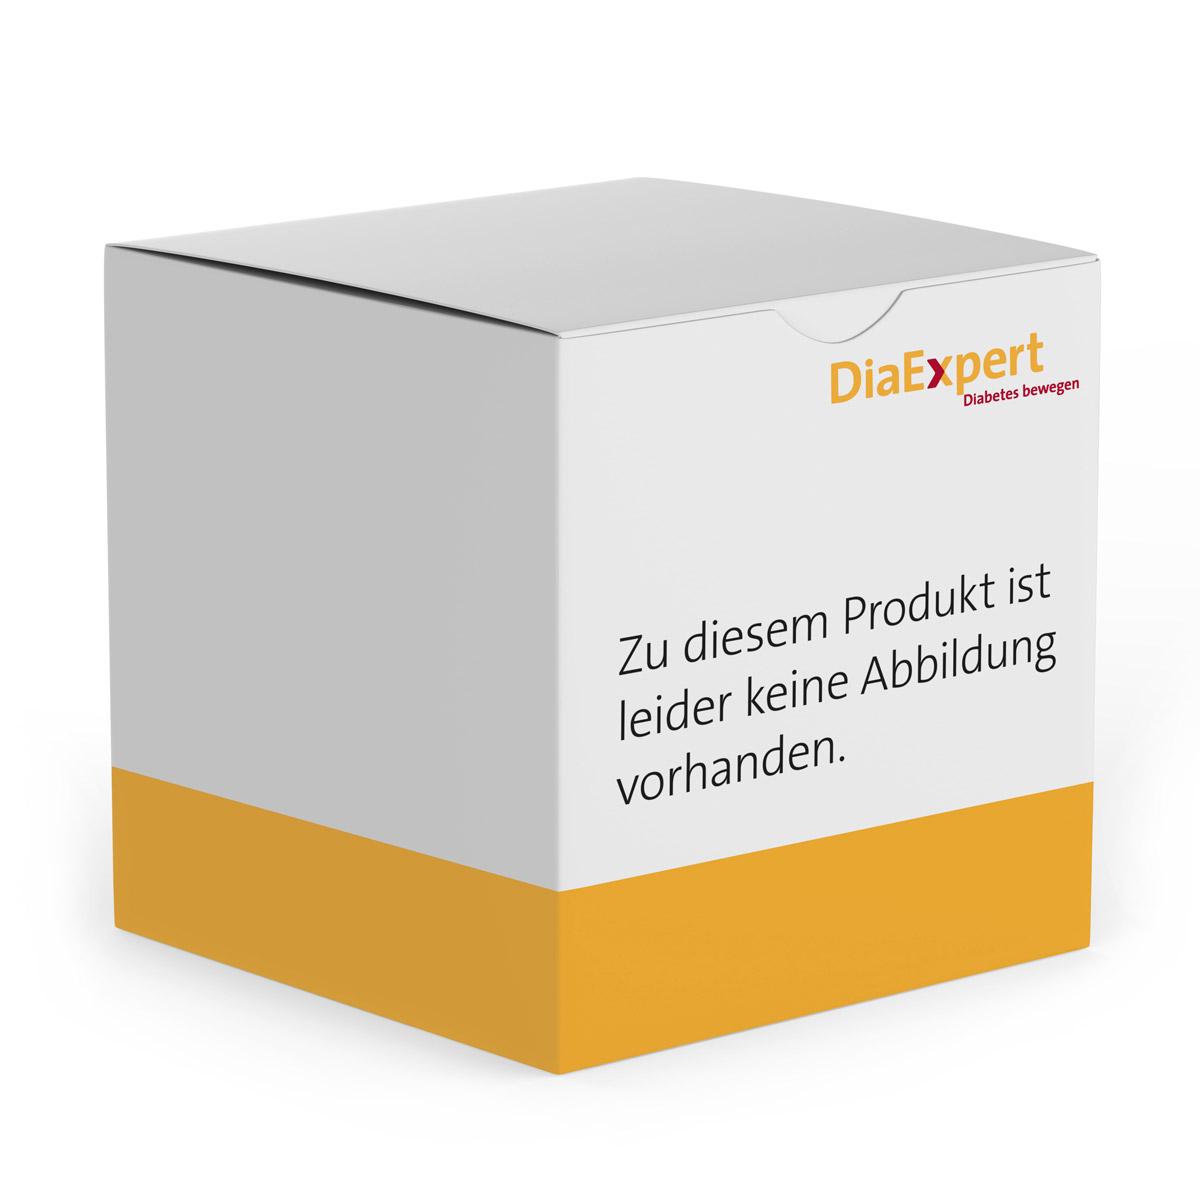 DiaExpert CGM-Broschüre